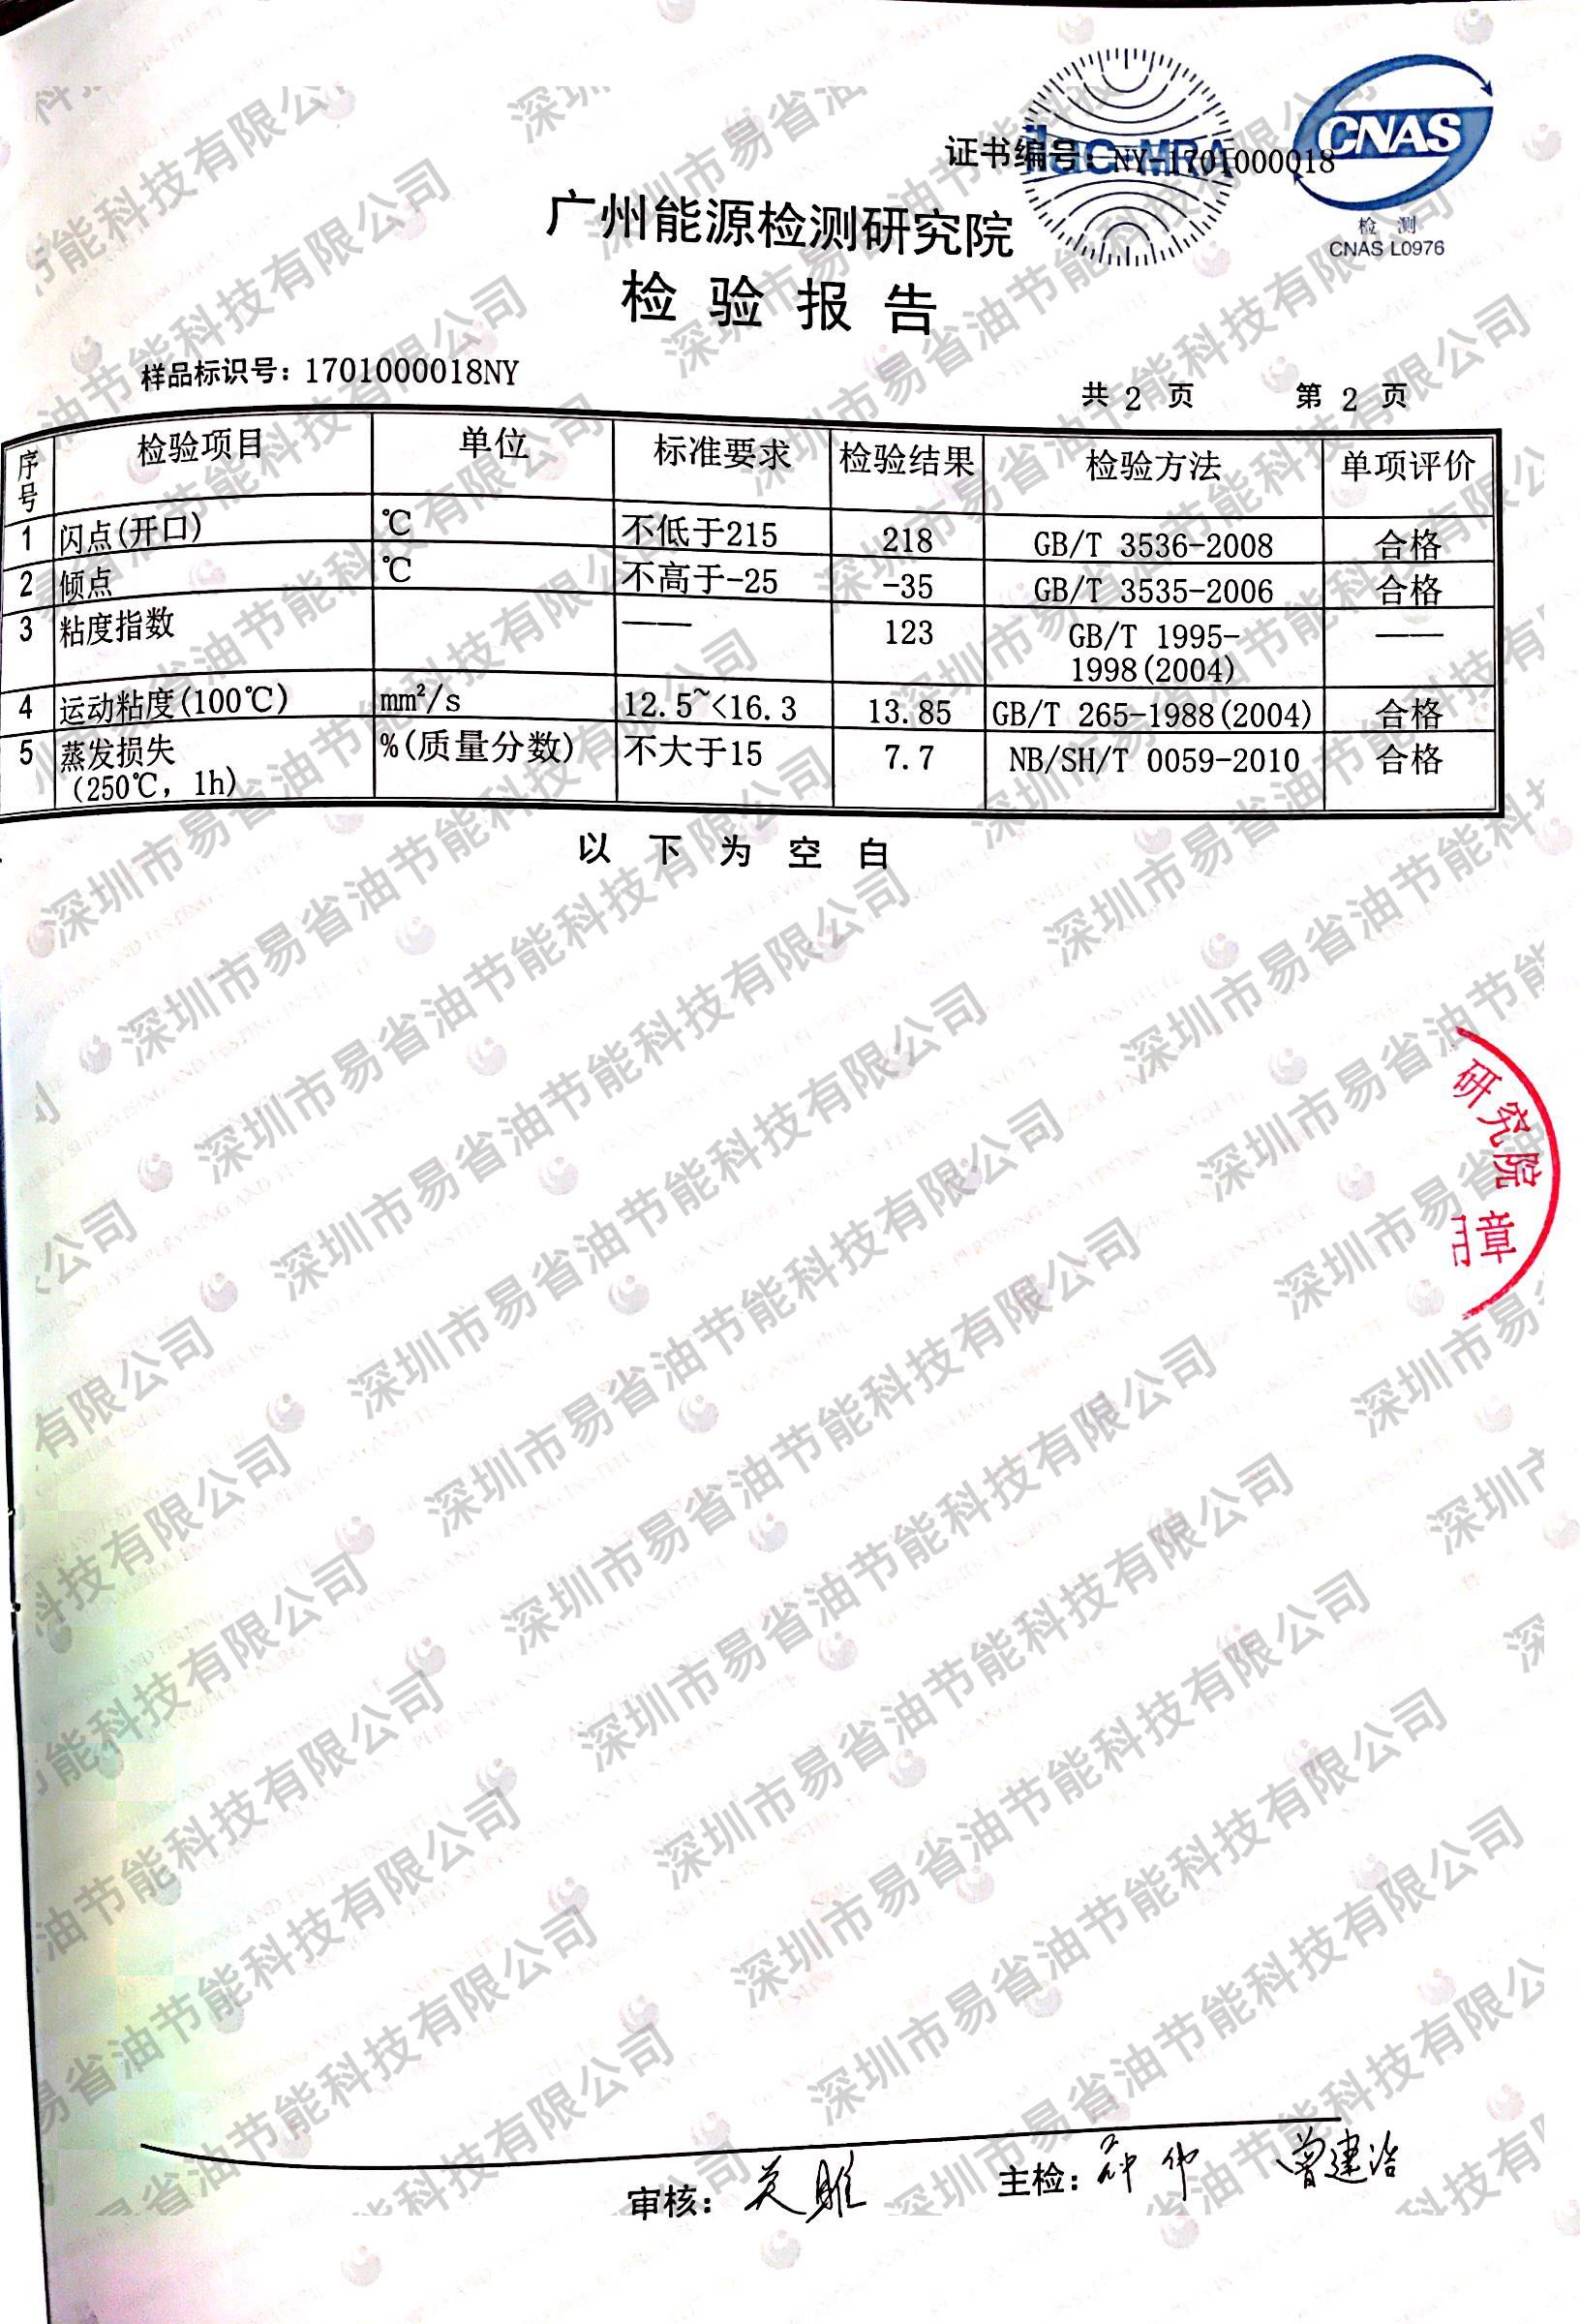 机油检测报告CI-415W403